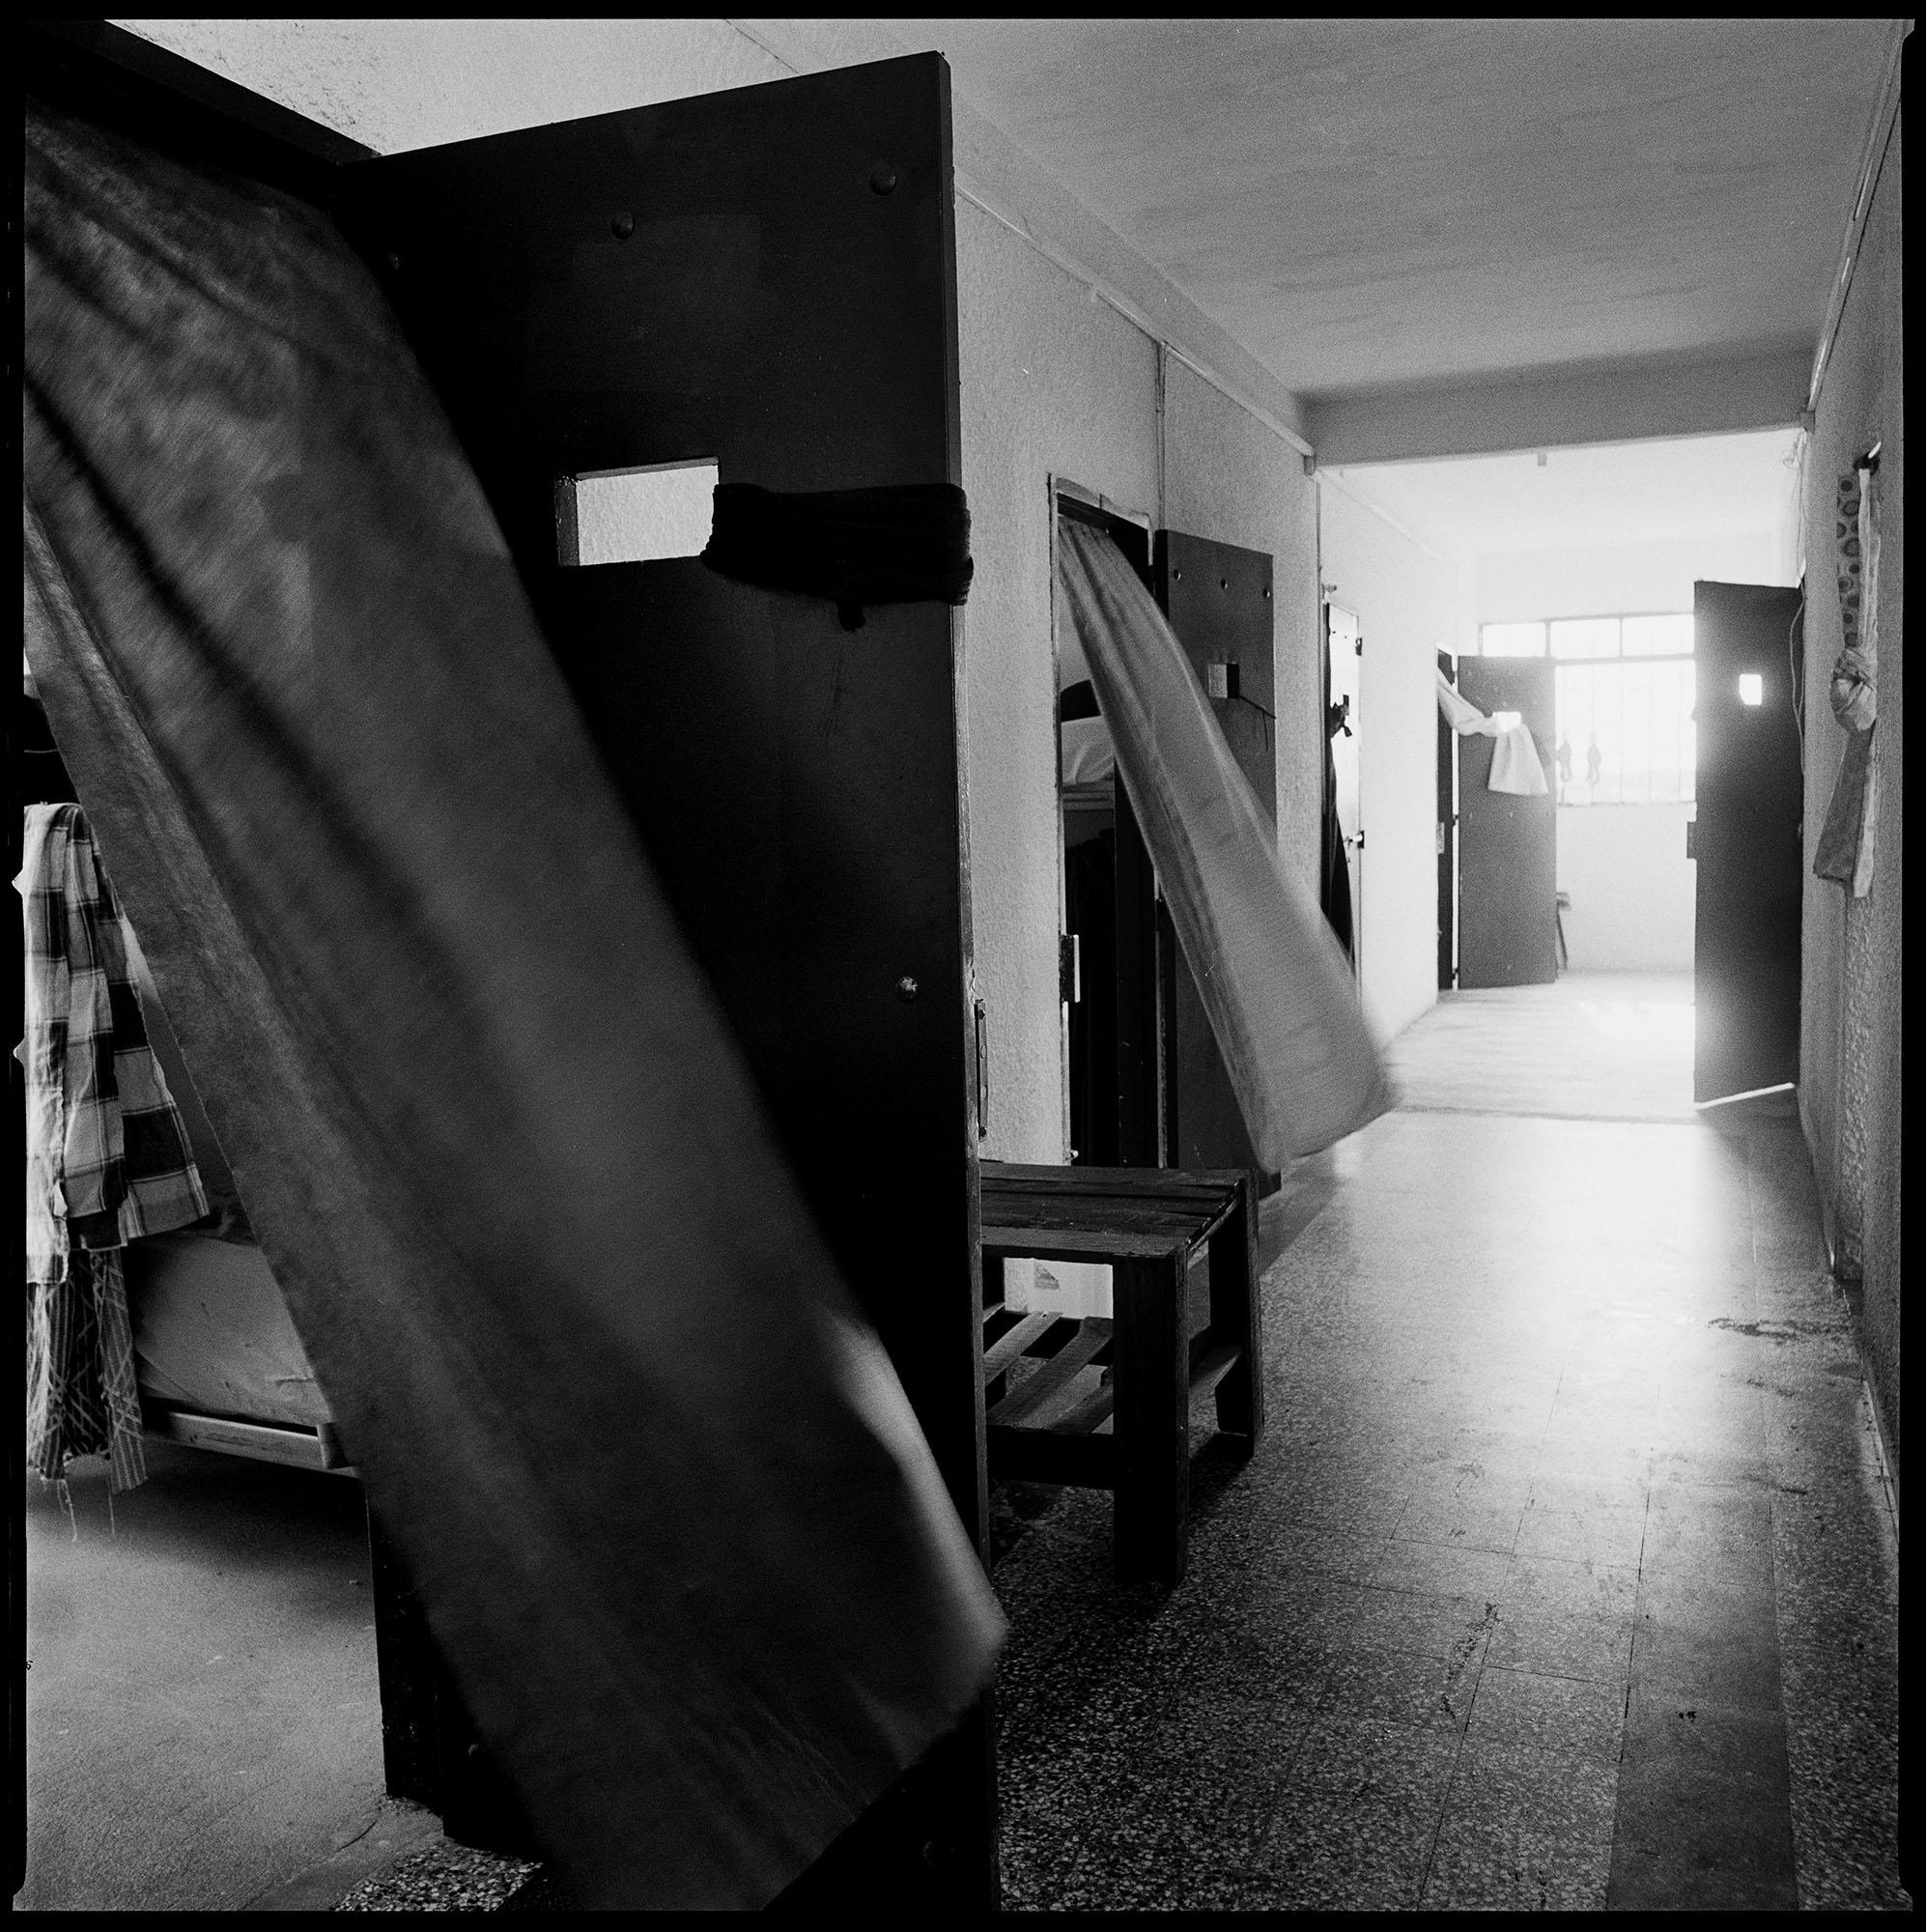 Área de celdas en la cárcel de Punta de Rieles en Montevideo, Uruguay.  Esta cárcel fue establecida para alojar presas políticas mujeres durante la dictadura cívico-militar a comienzos de los años setenta. Una vez recuperada la democracia la cárcel fue clausurada y luego reabierta para alojar presos comunes.  Fotografía tomada en febrero de 2012.